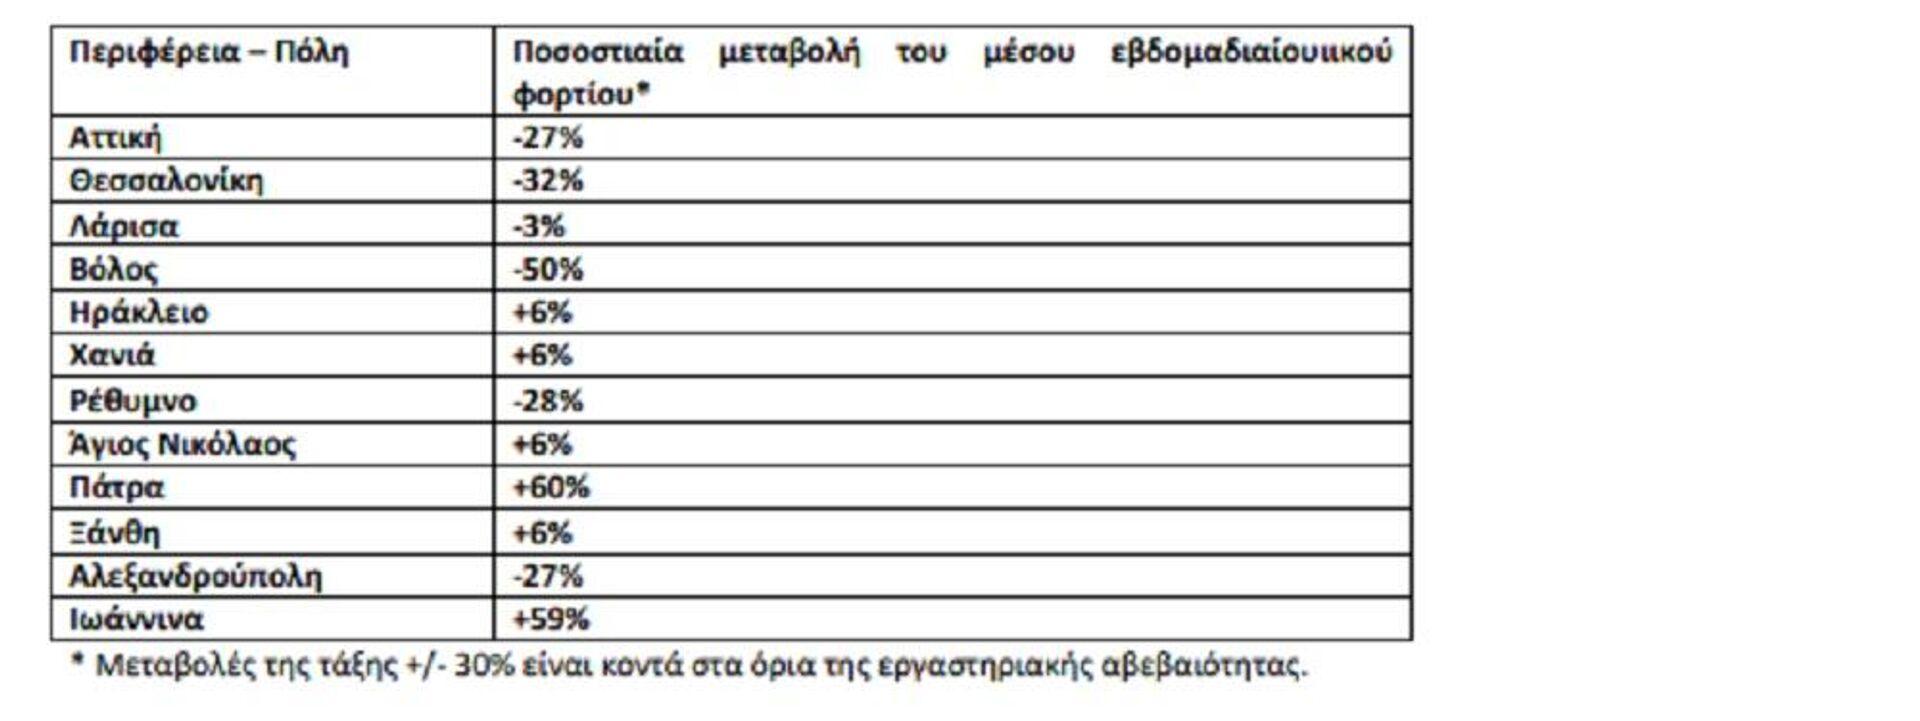 Ποσοστιαία μεταβολή στη μέση συγκέντρωση του ιικού φορτίου του SARS-CoV-2 στα αστικά λύματα ανά 100.000 κατοίκους την εβδομάδα 6 -12 Σεπτεμβρίου 2021 σε σχέση με την εβδομάδα 30 Αυγούστου - 5 Σεπτεμβρίου 2021 - Sputnik Ελλάδα, 1920, 14.09.2021